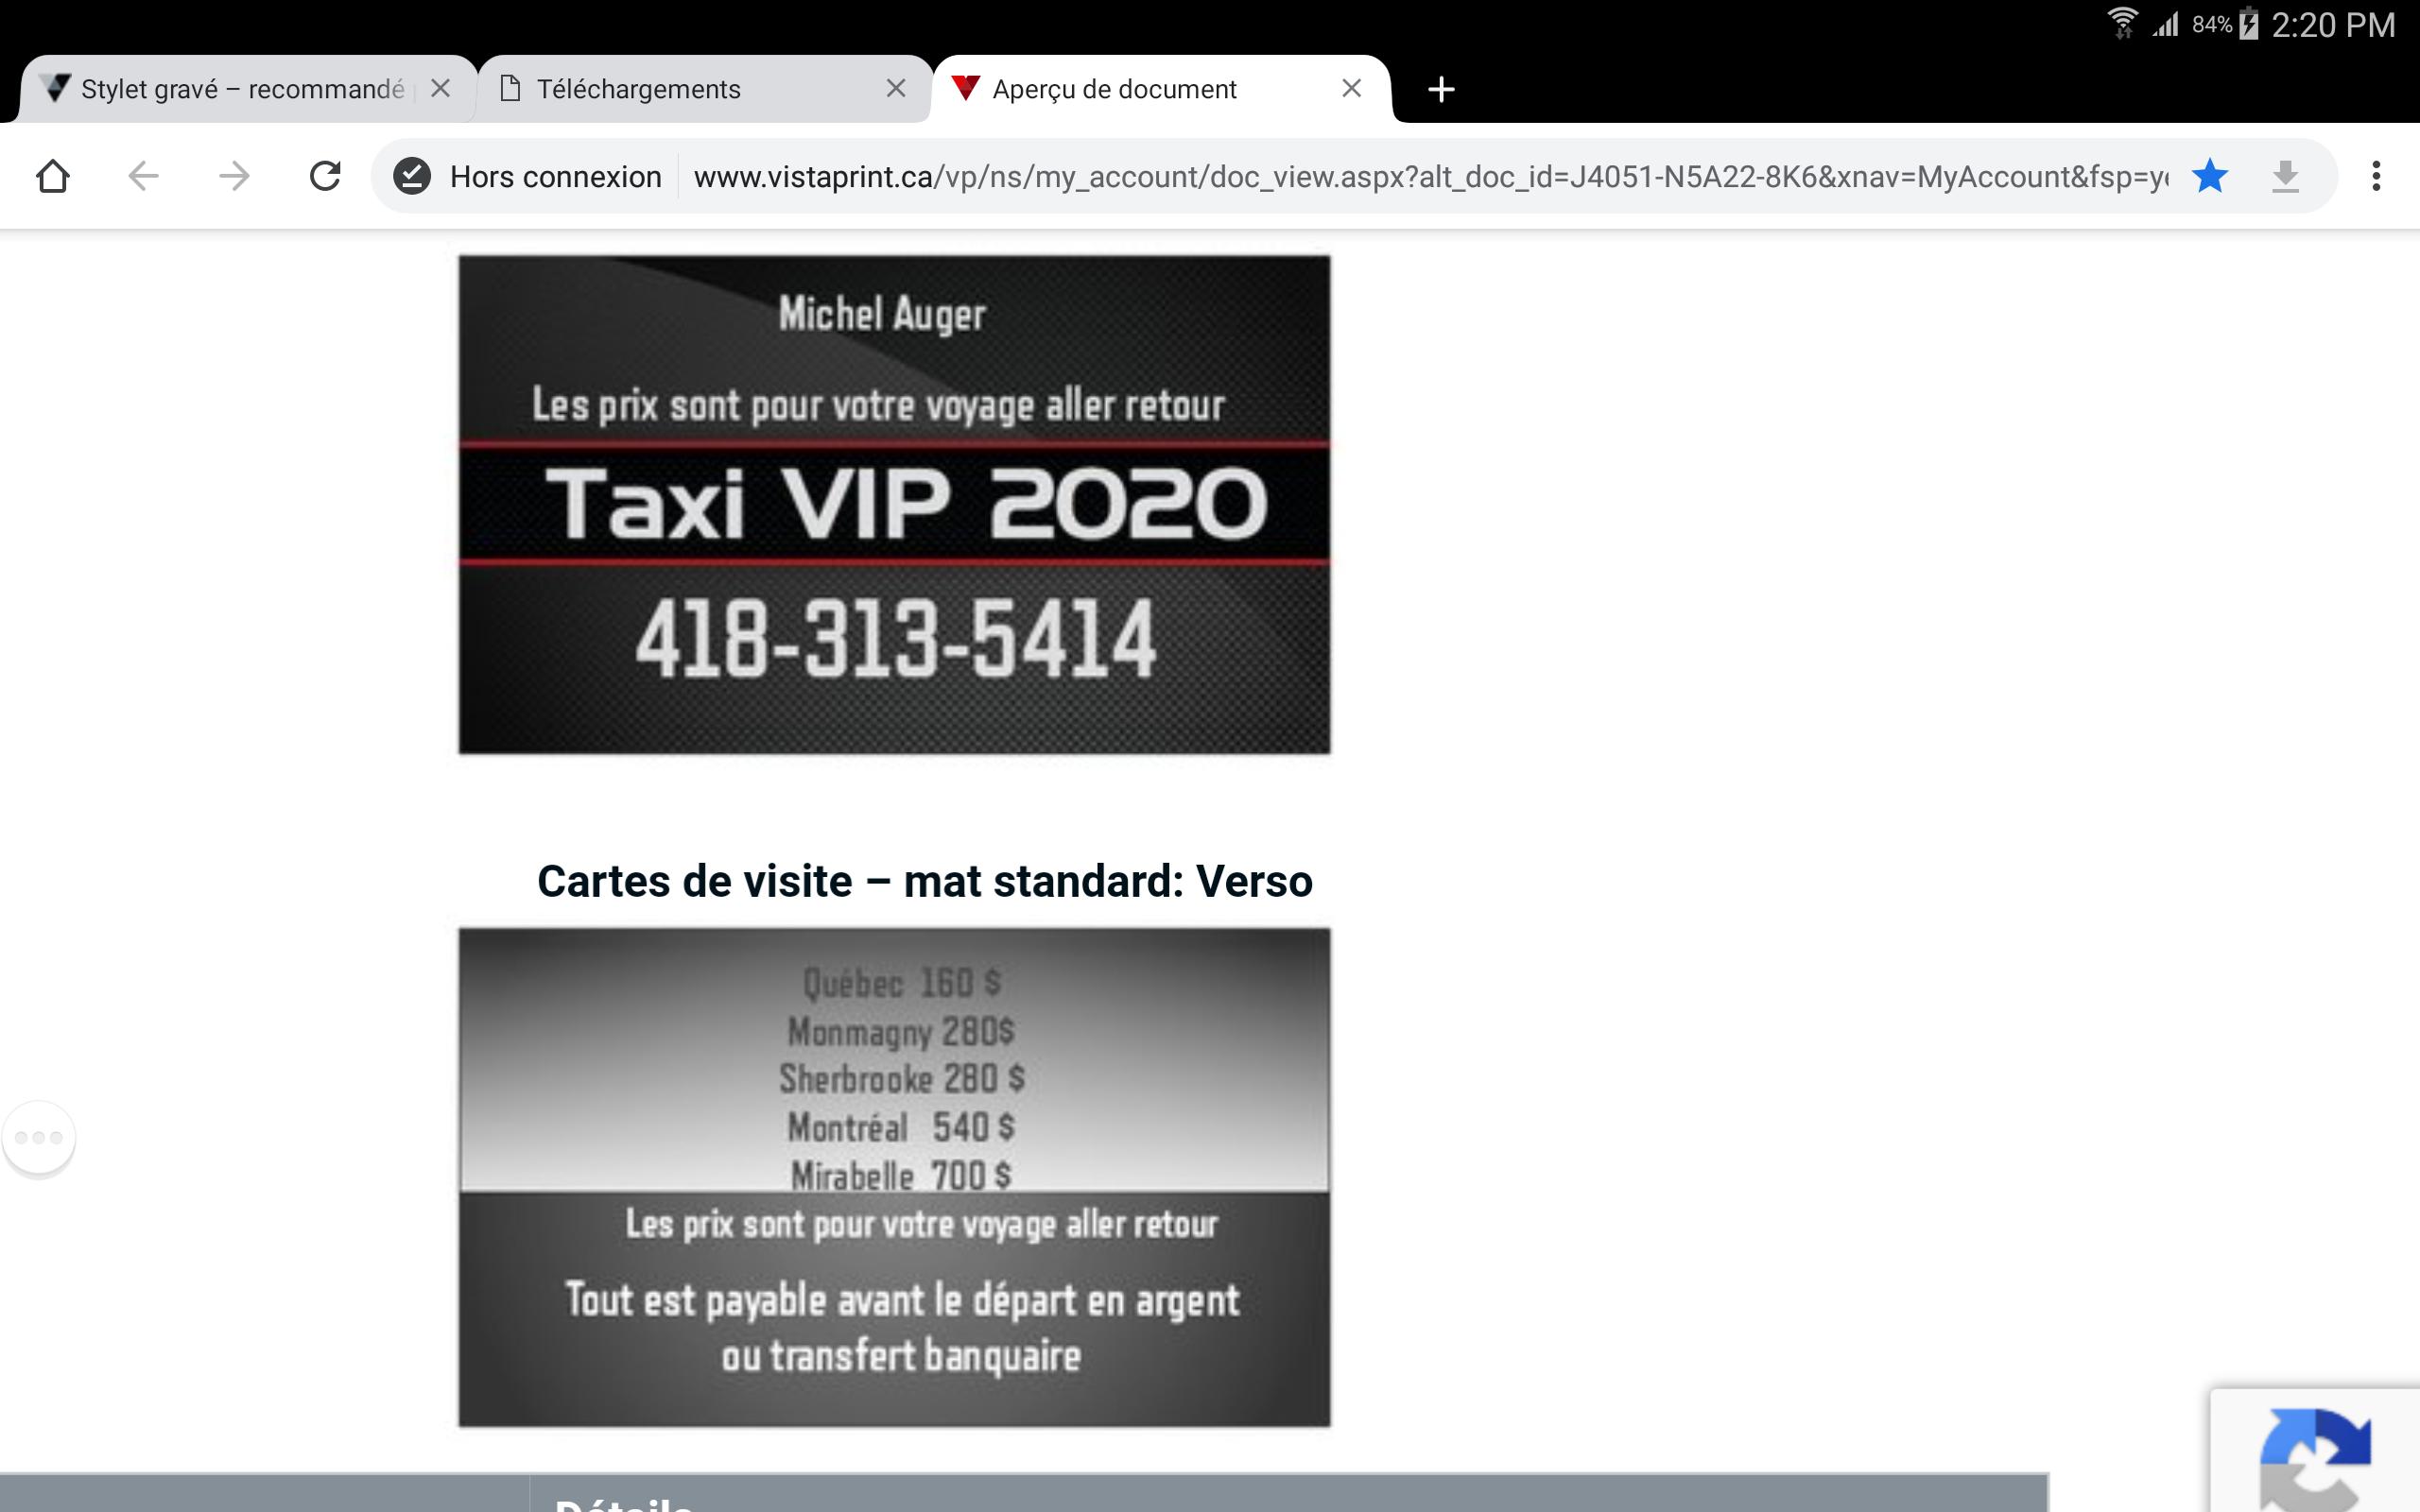 Taxi vip 2020